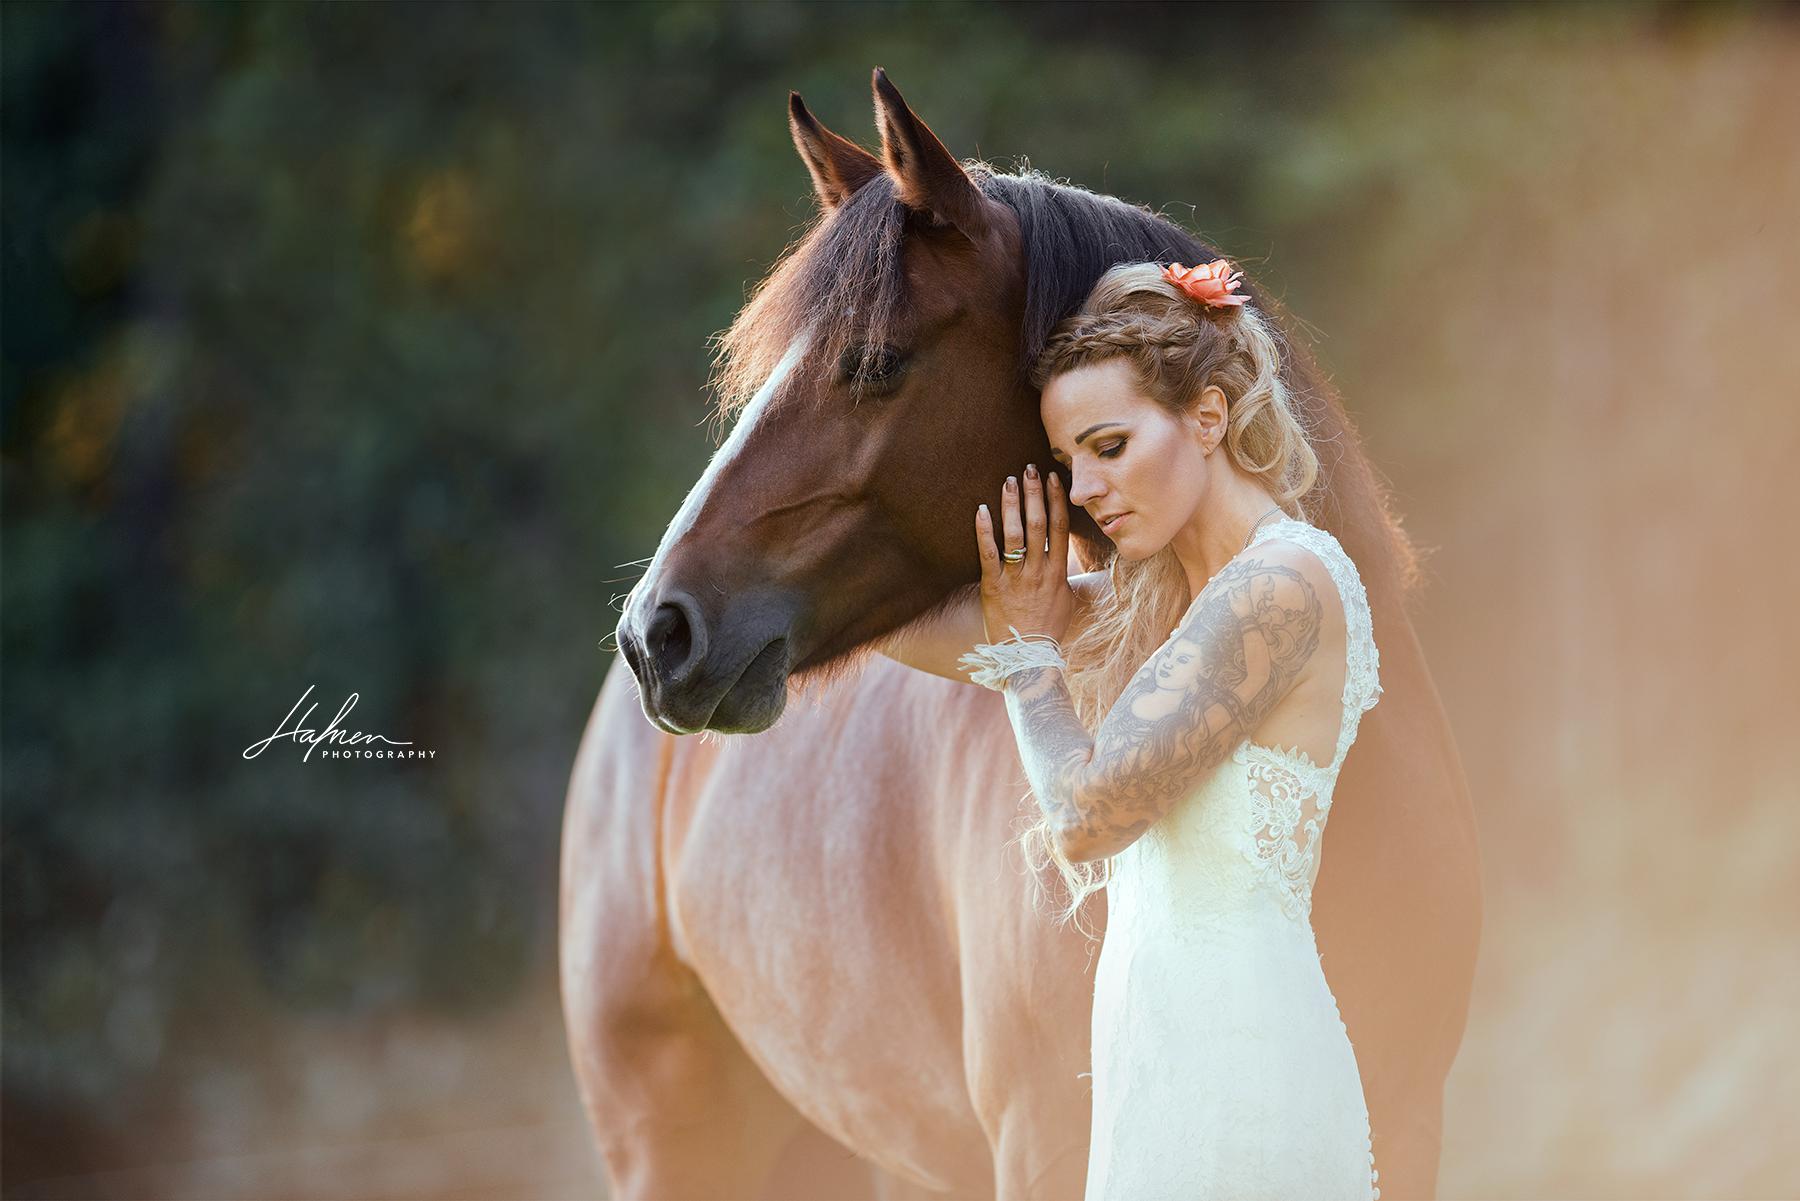 Mensch mit Pferd im Portrait | Pferde mädchen fotografie